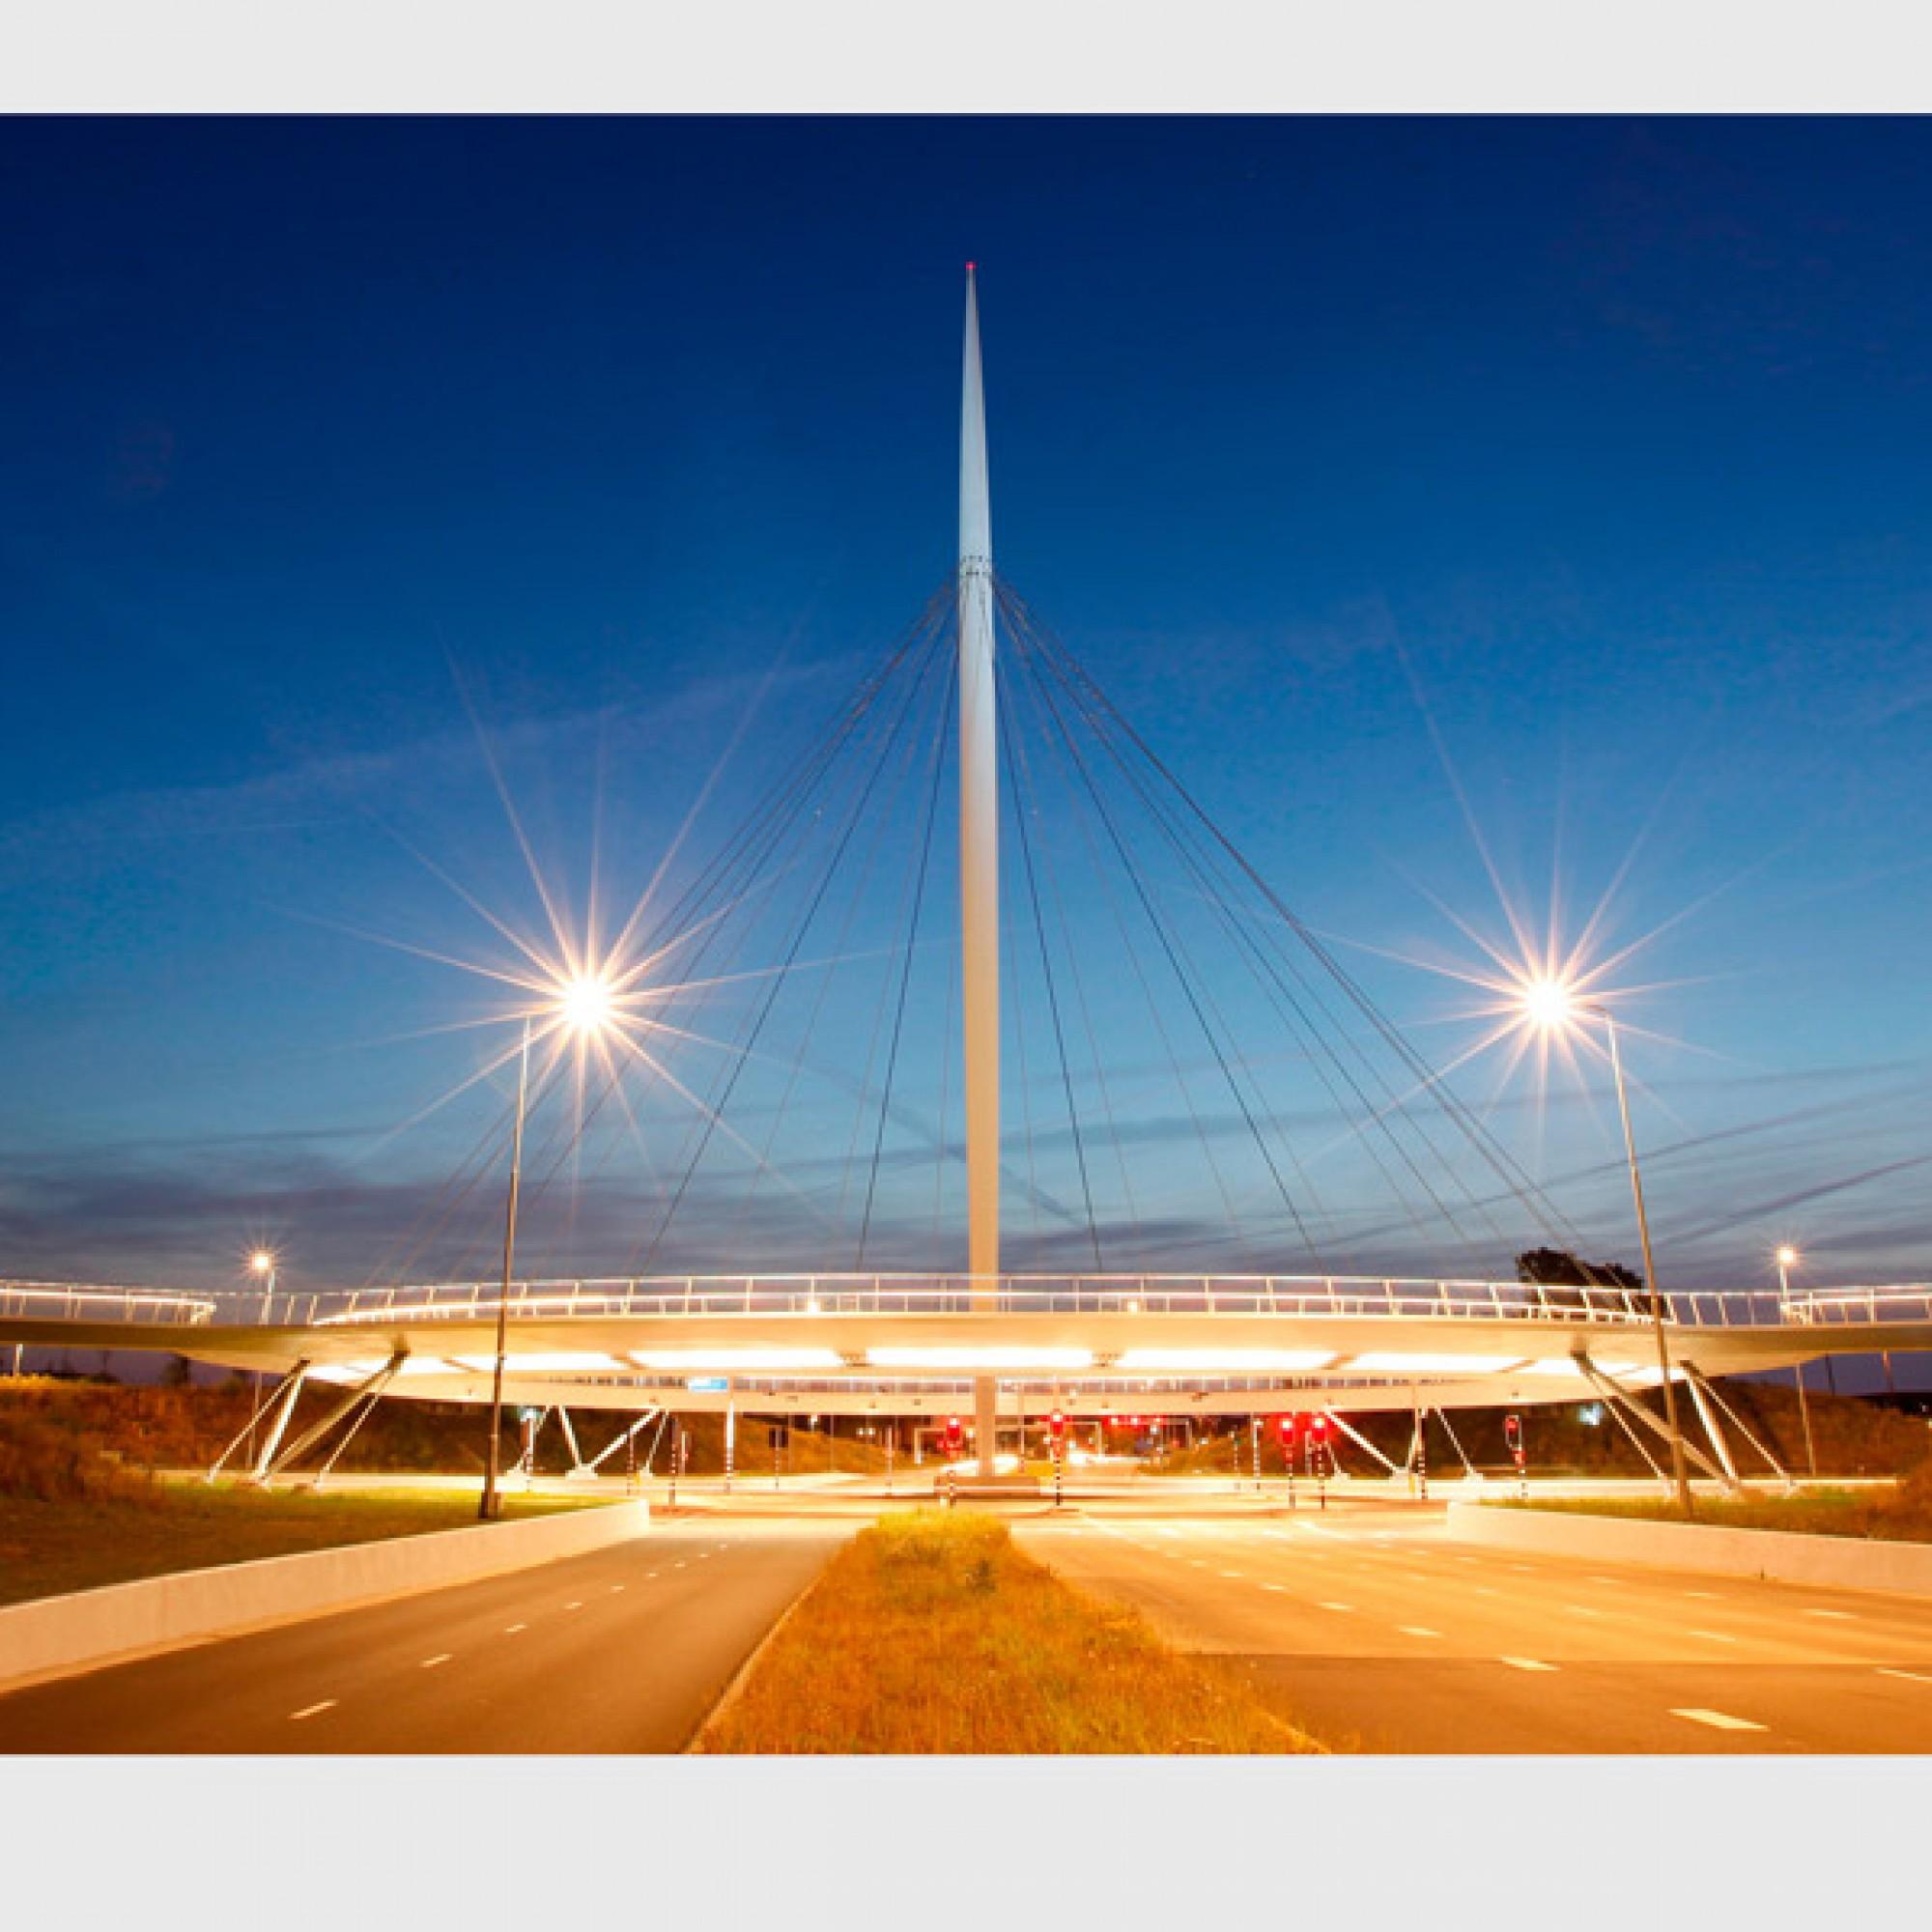 Radbrücke Hovenring in Eindhoven NL, Design ipv Delft (Design). (Henk Snaterse)